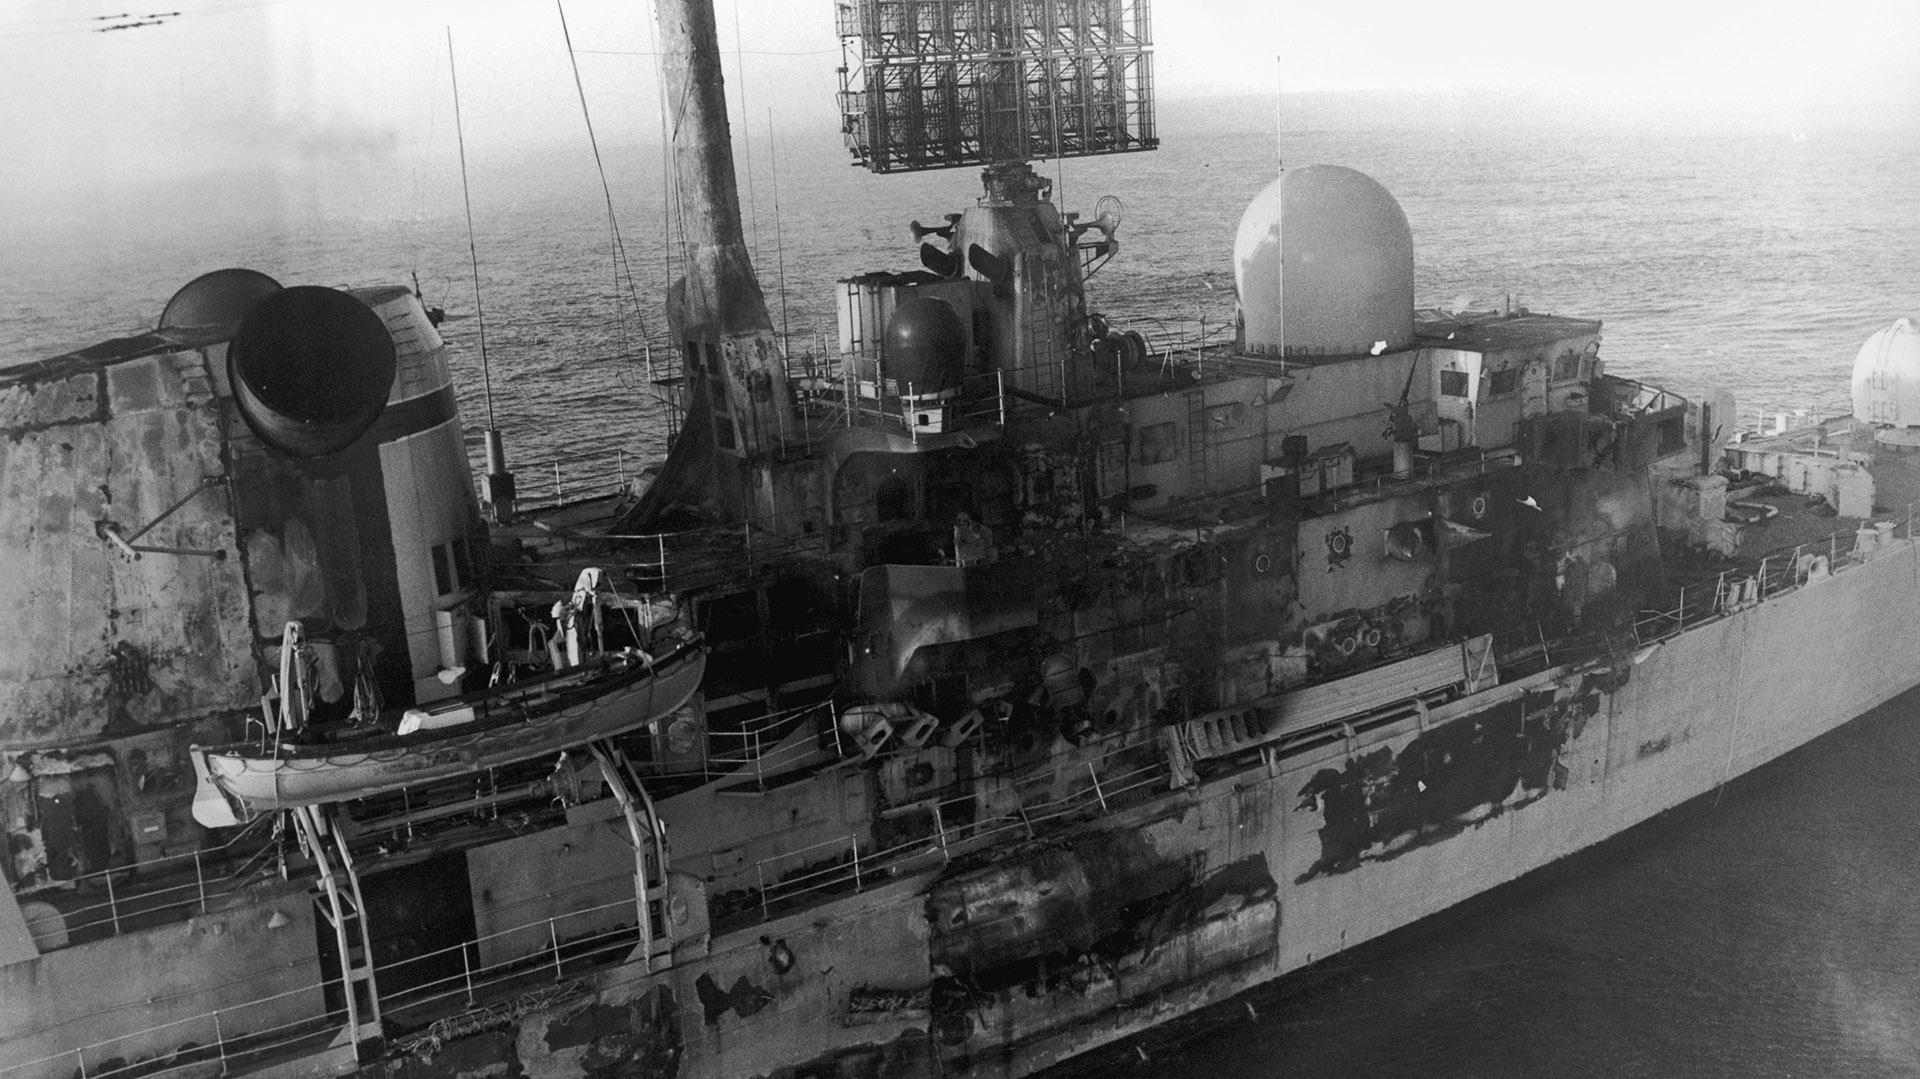 La buqueHMS Sheffield fue atacado por un misil Exocet, lanzado por los Super Étendard de la Armada Argentina, el 4 demayo de 1982. Veinte personas murieron y el barco se hundió en el Atlánticocuando era remolcado de regreso aGran Bretaña(Martin Cleaver/Pool/Getty Images)